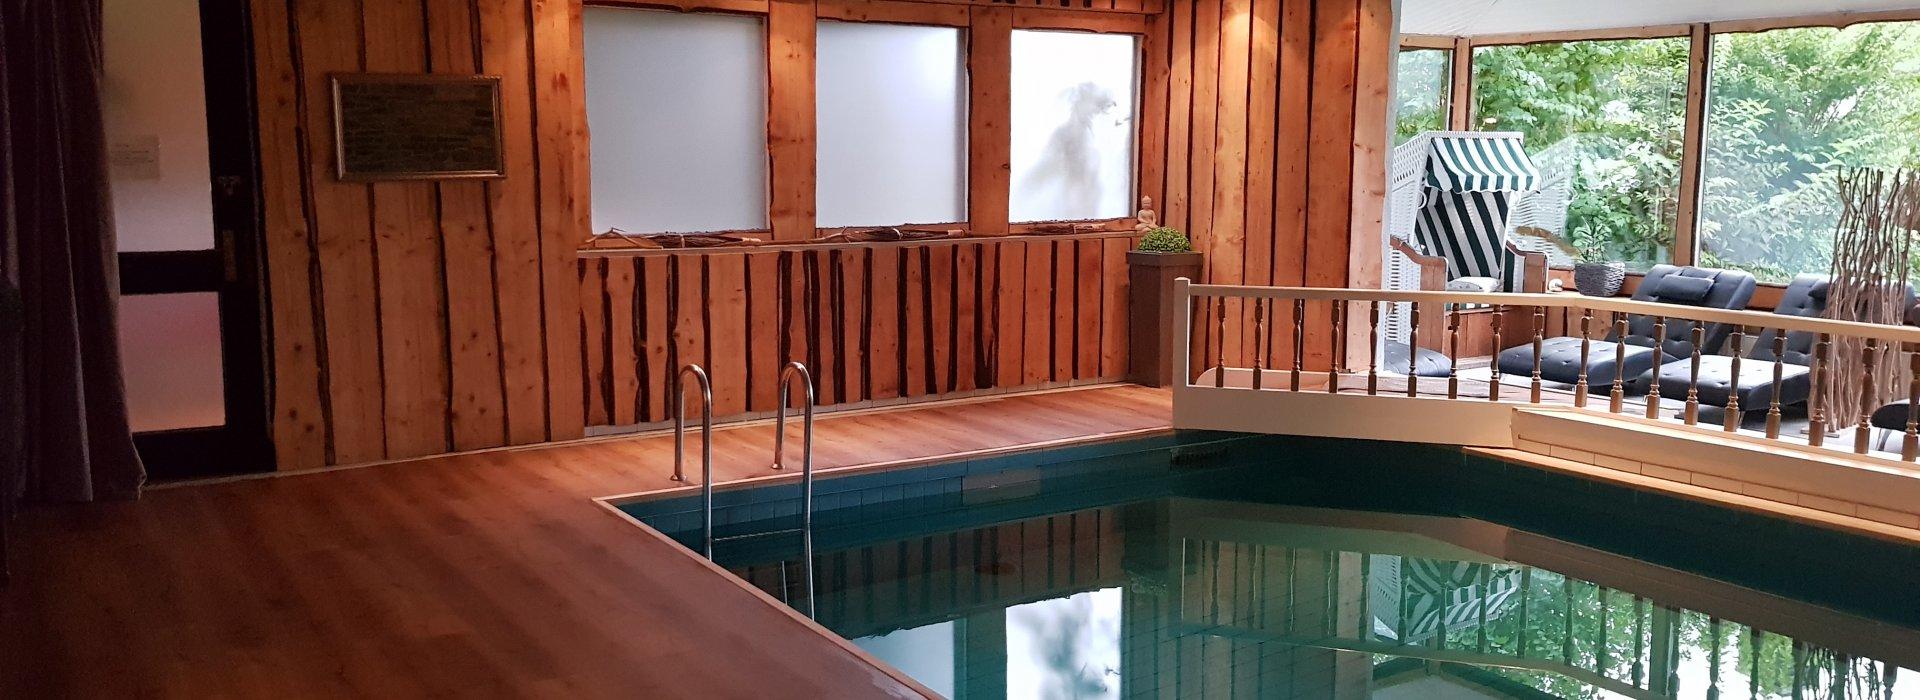 Schwimmbad Renovierung